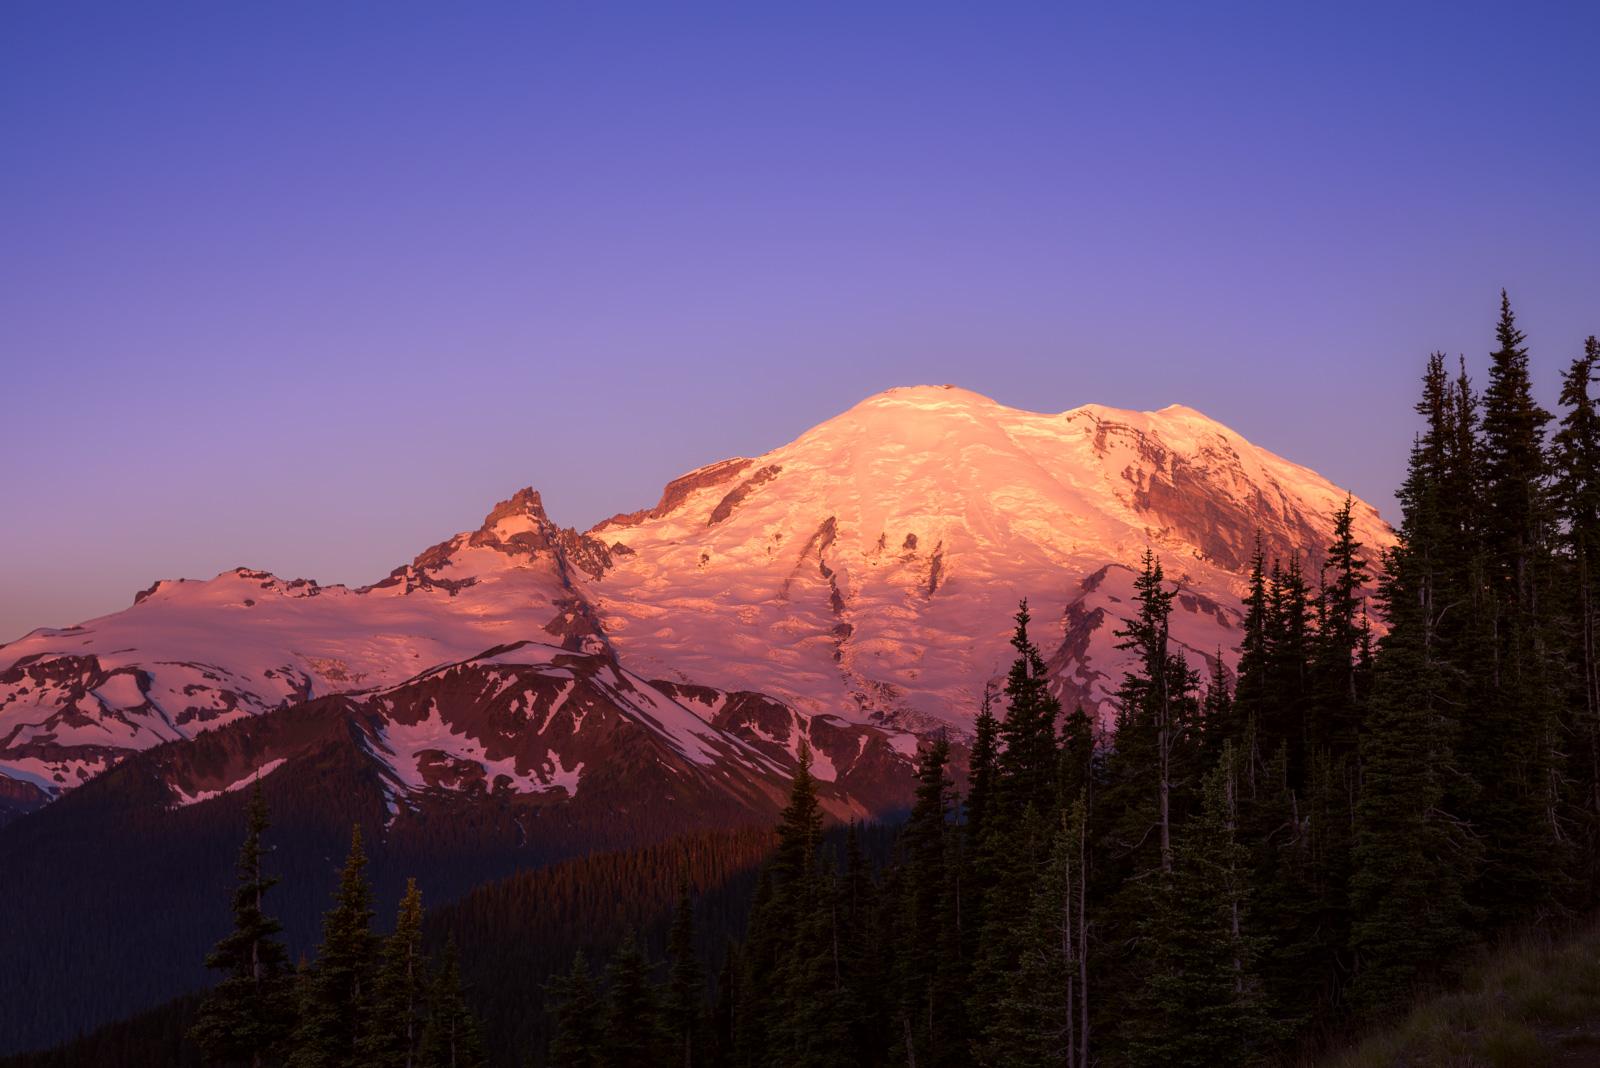 Mt Rainier at sunrise.